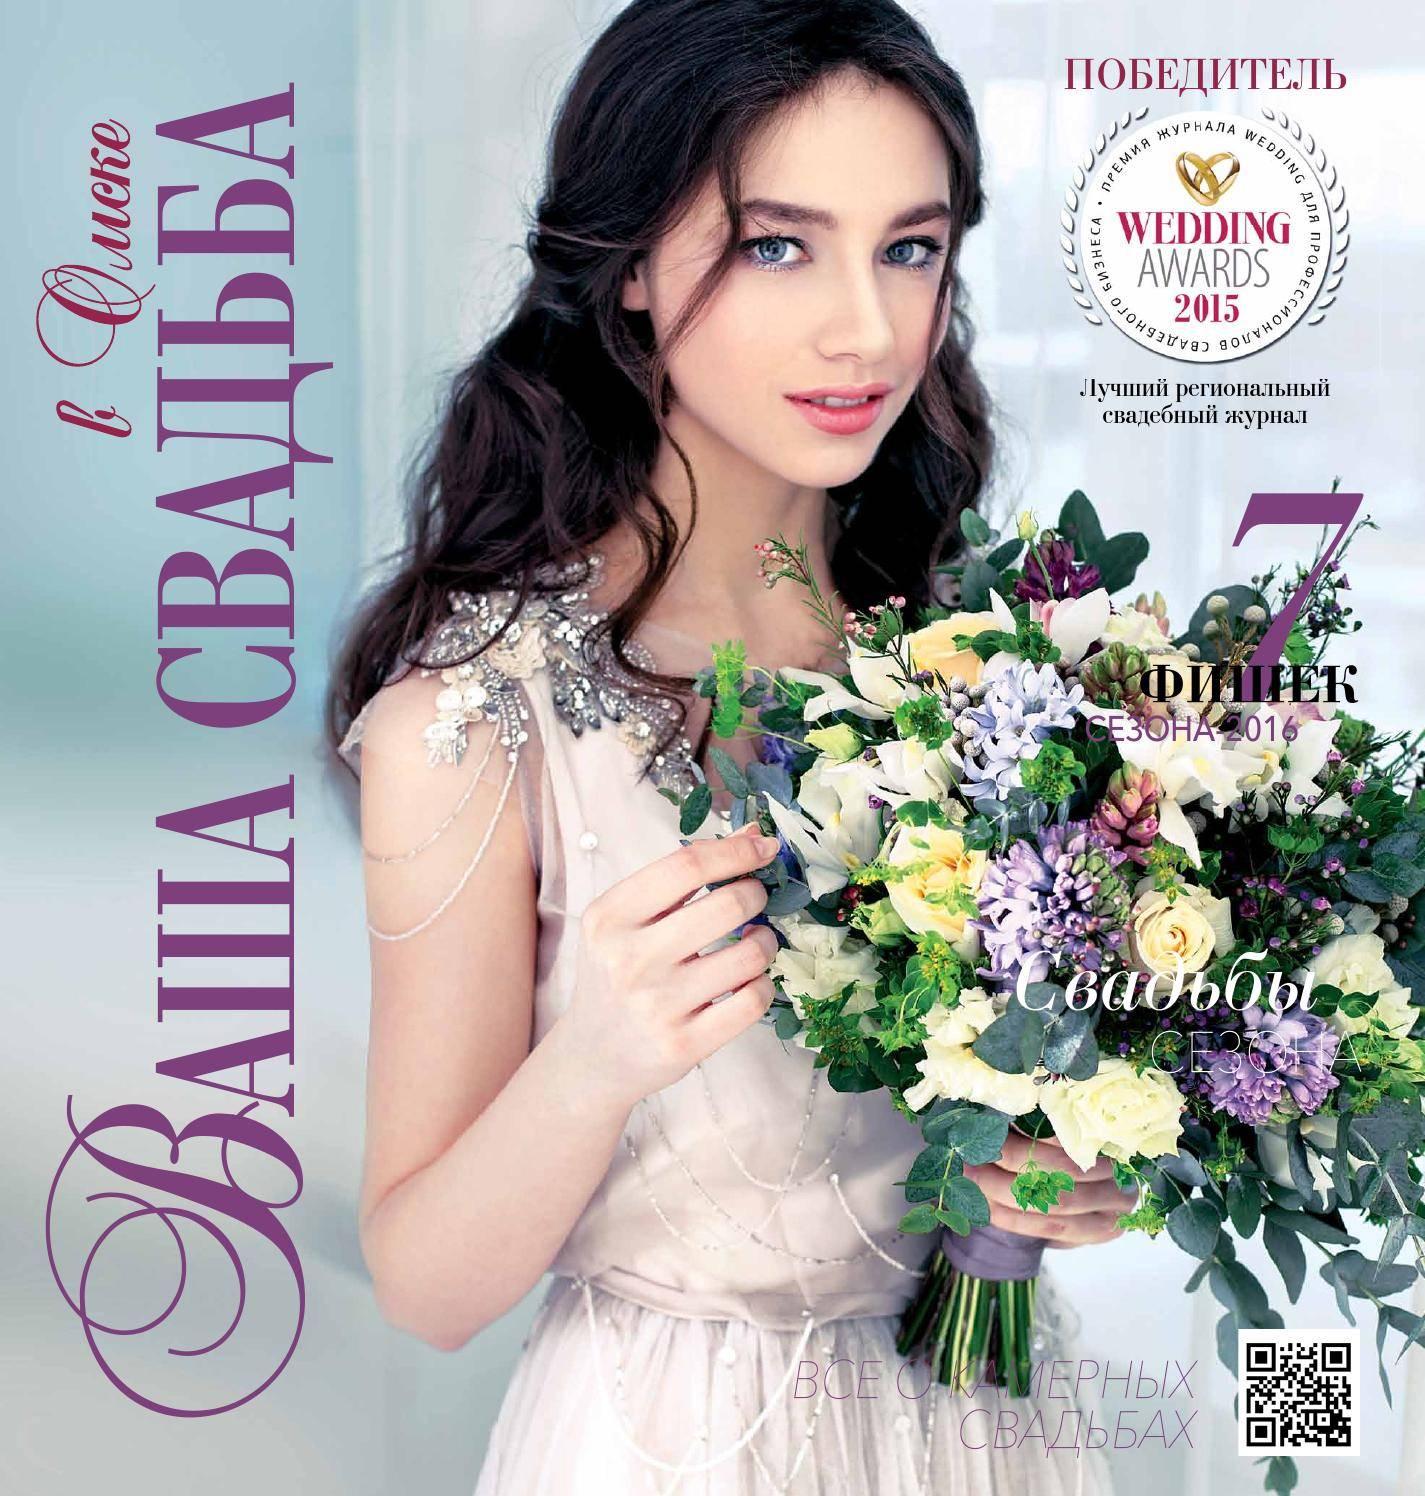 Свадьба в цвете и стиле кофе: изящная и ароматная